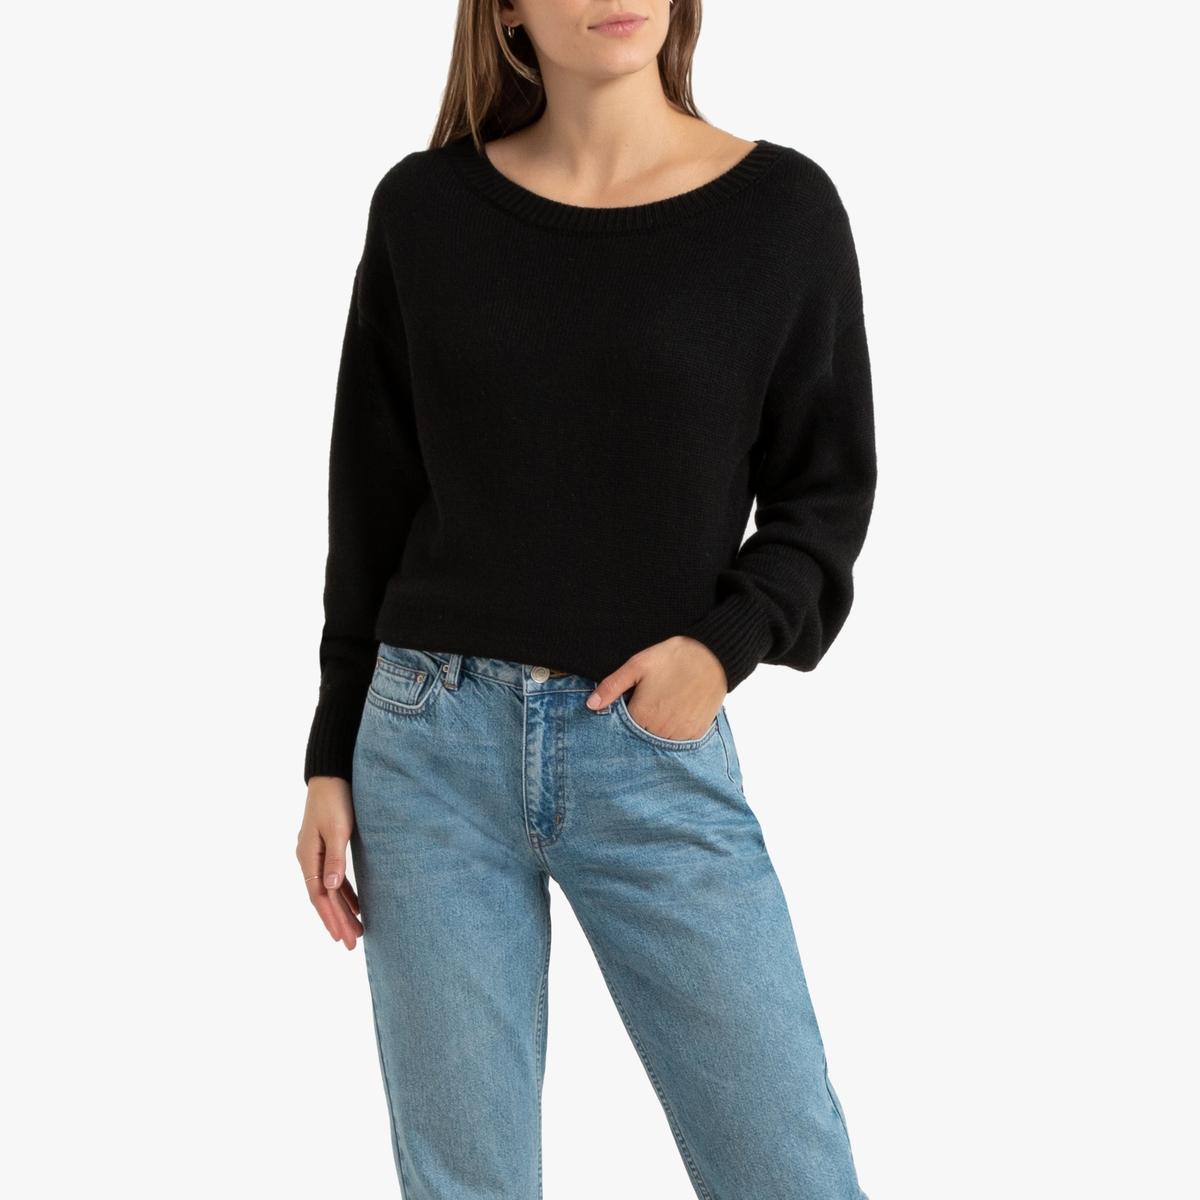 Пуловер La Redoute С круглым вырезом и напускными рукавами S черный пуловер la redoute с круглым вырезом из шерсти мериноса pascal 3xl черный